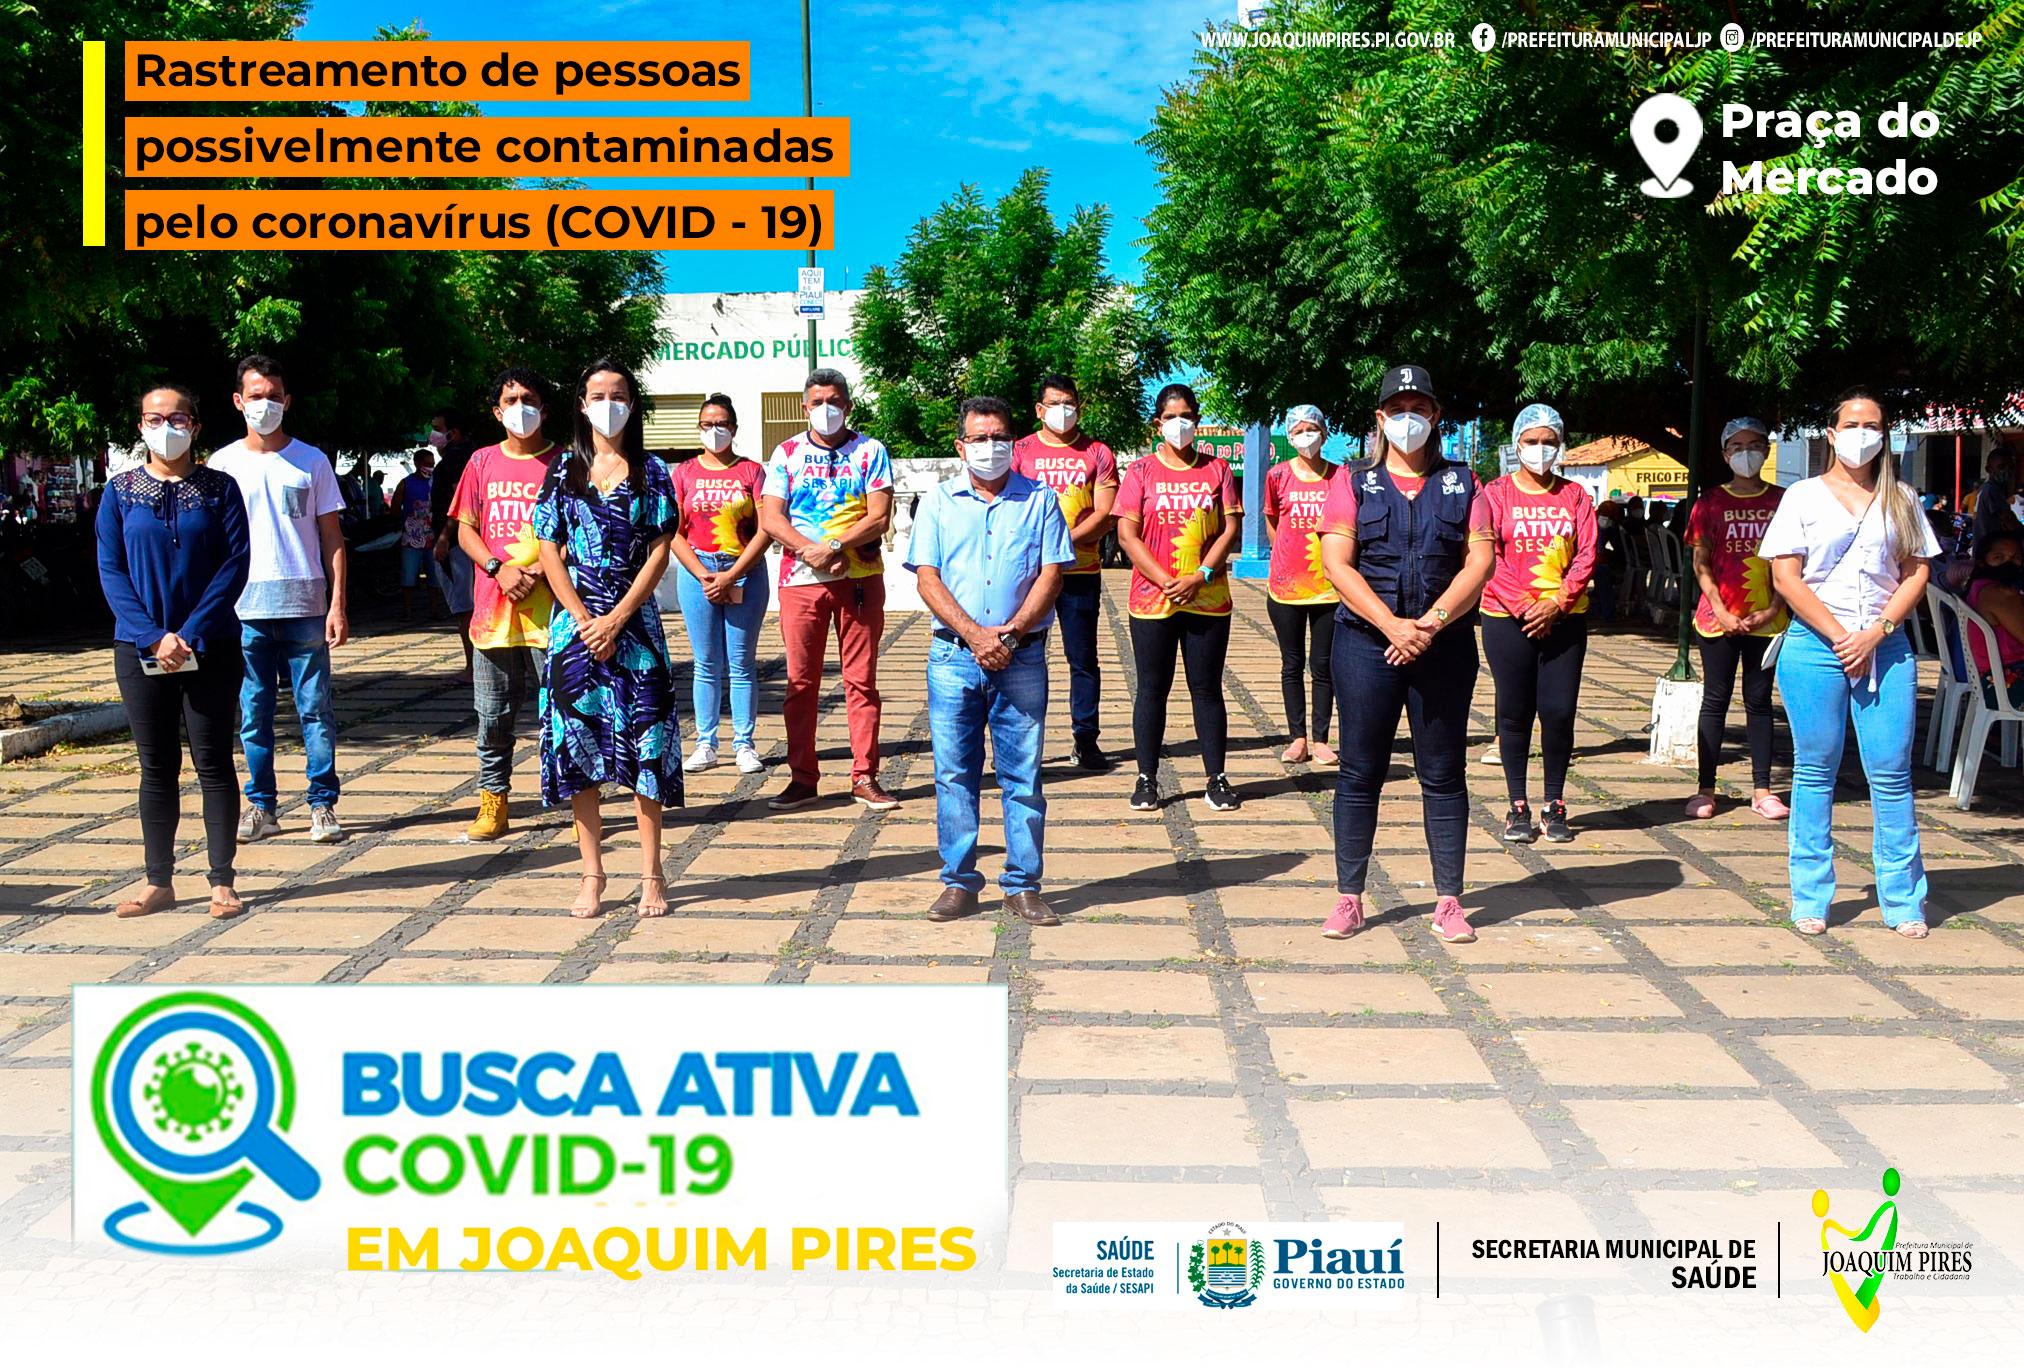 Joaquim Pires fortalecendo ações no combate a Pandemia da COVID-19 - Imagem 1